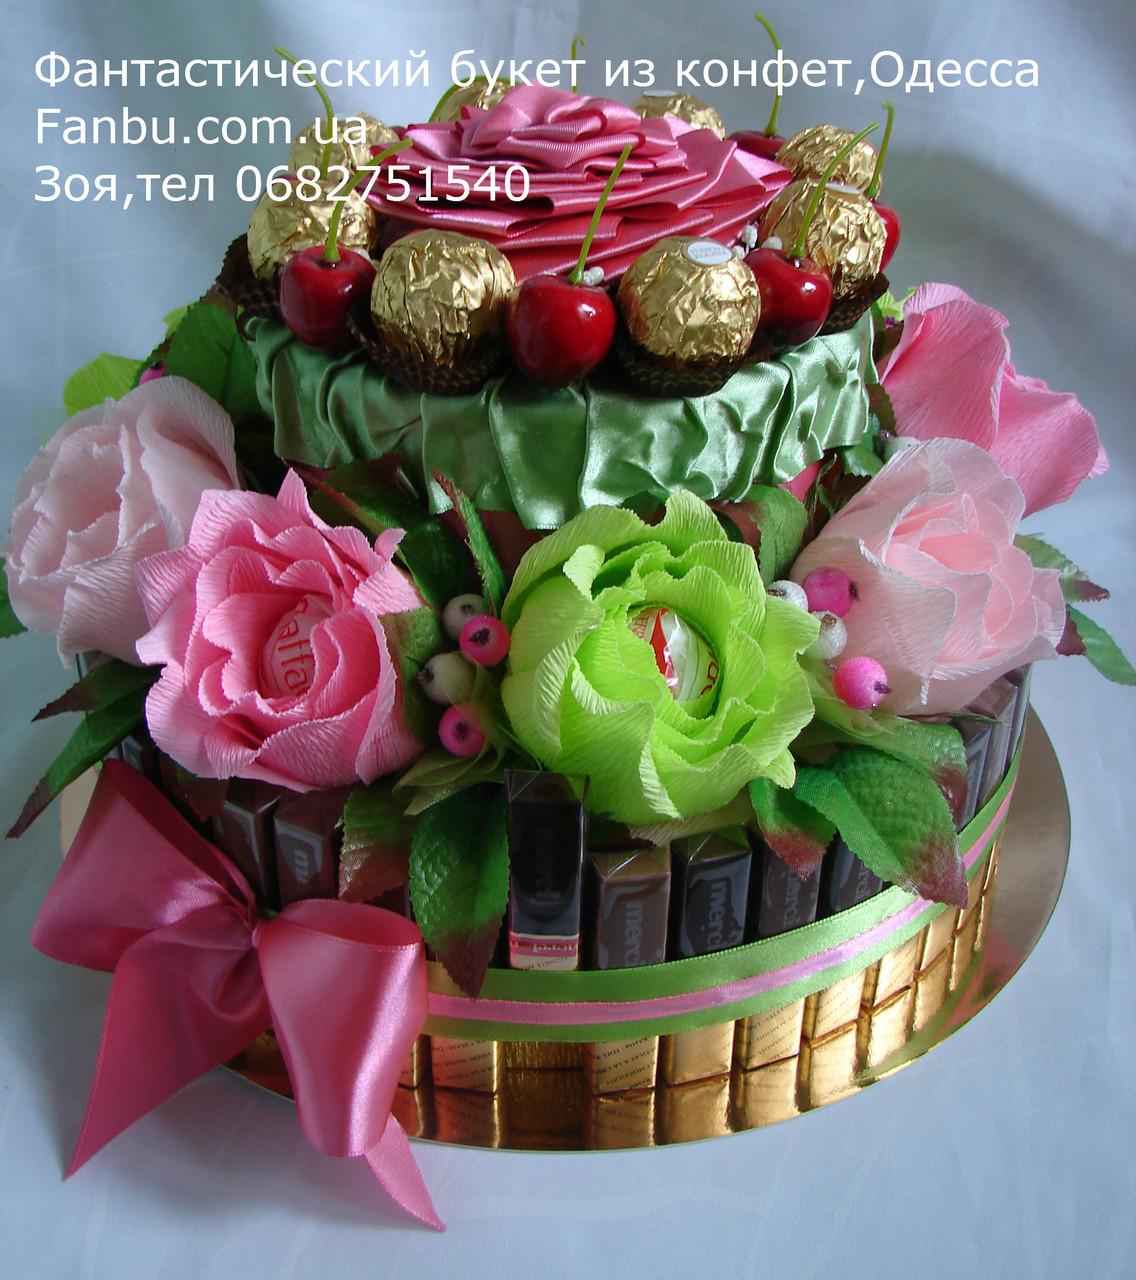 Поздравление из конфет и шоколада фото 191